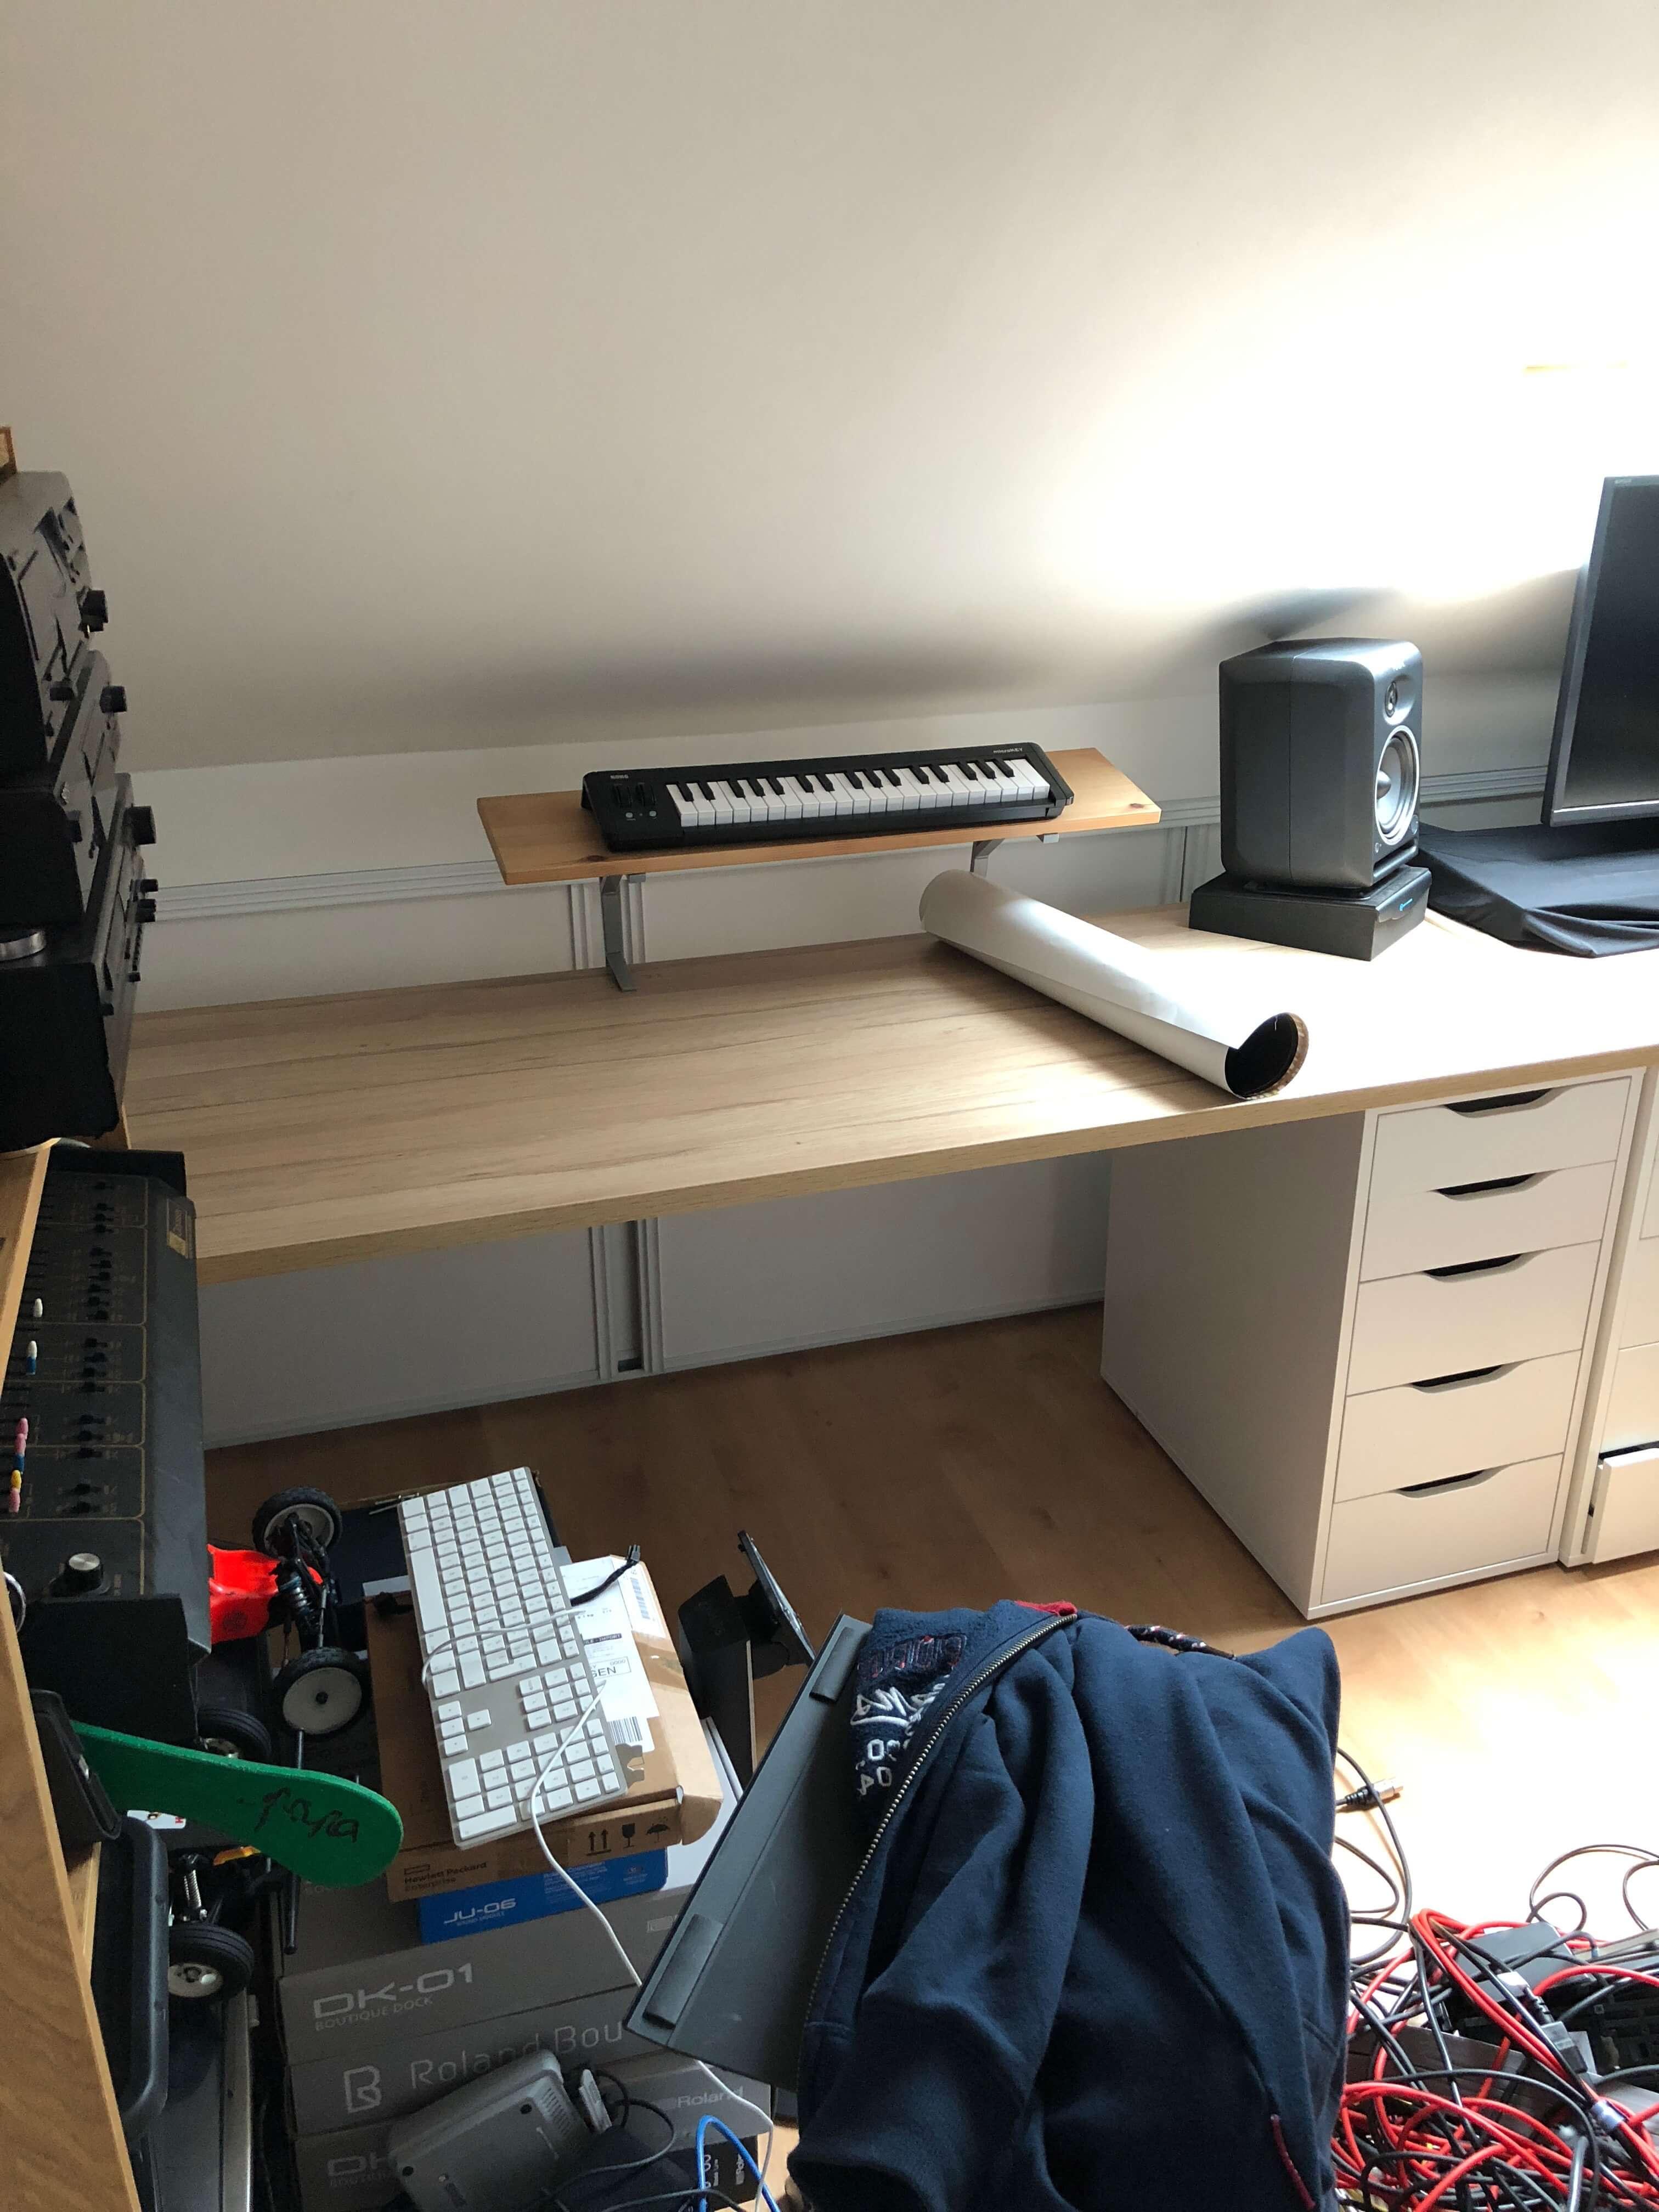 Les plans de travail, et les meubles pour organiser et ranger un peu le coin musique